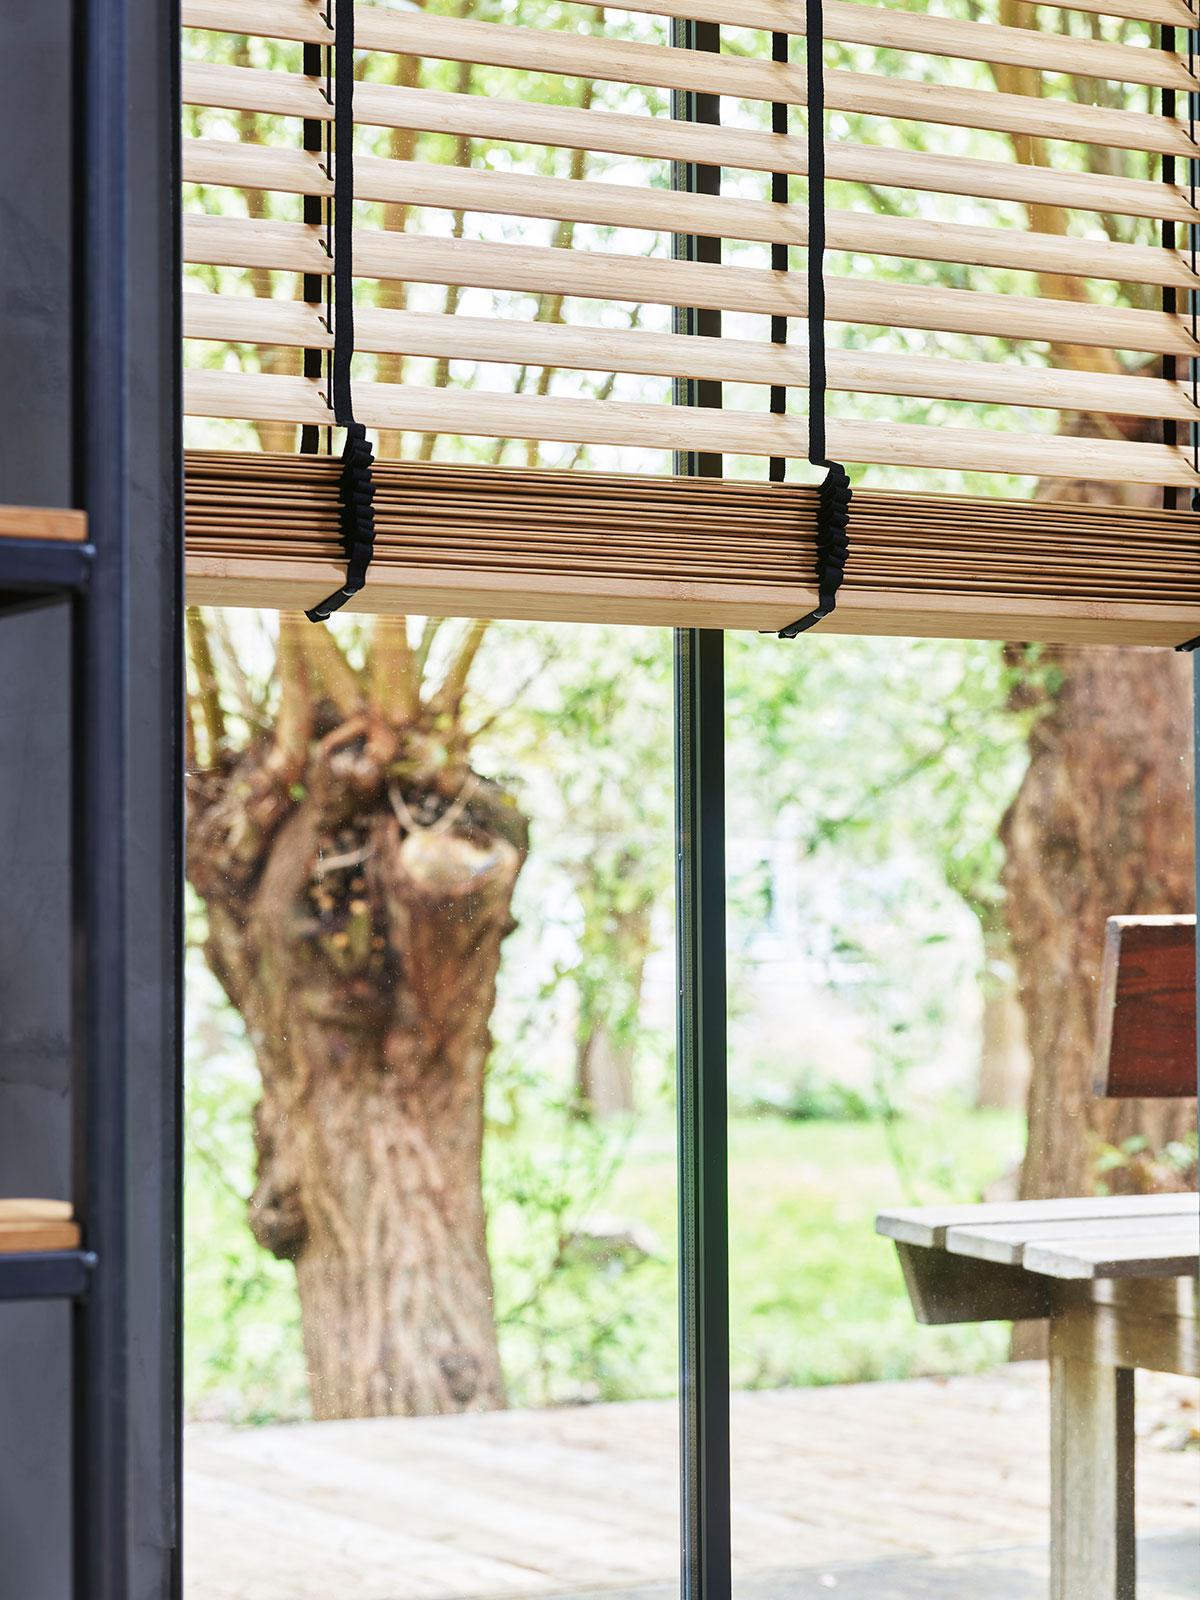 Raamdecoratie - B&C - Groenevelt Zonwering & Raamdecoratie